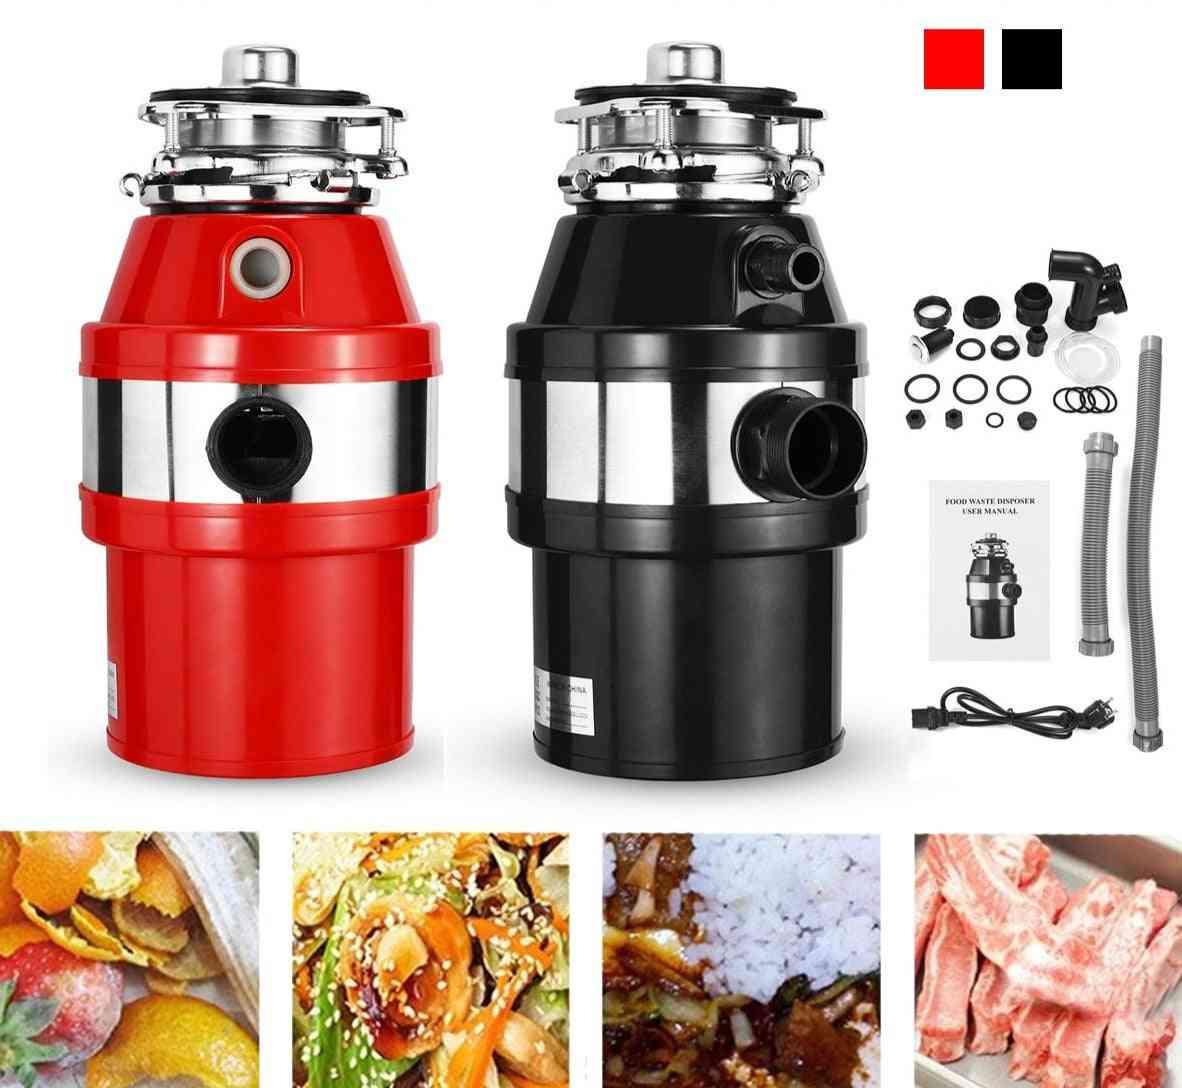 Food Residue Garbage Processor